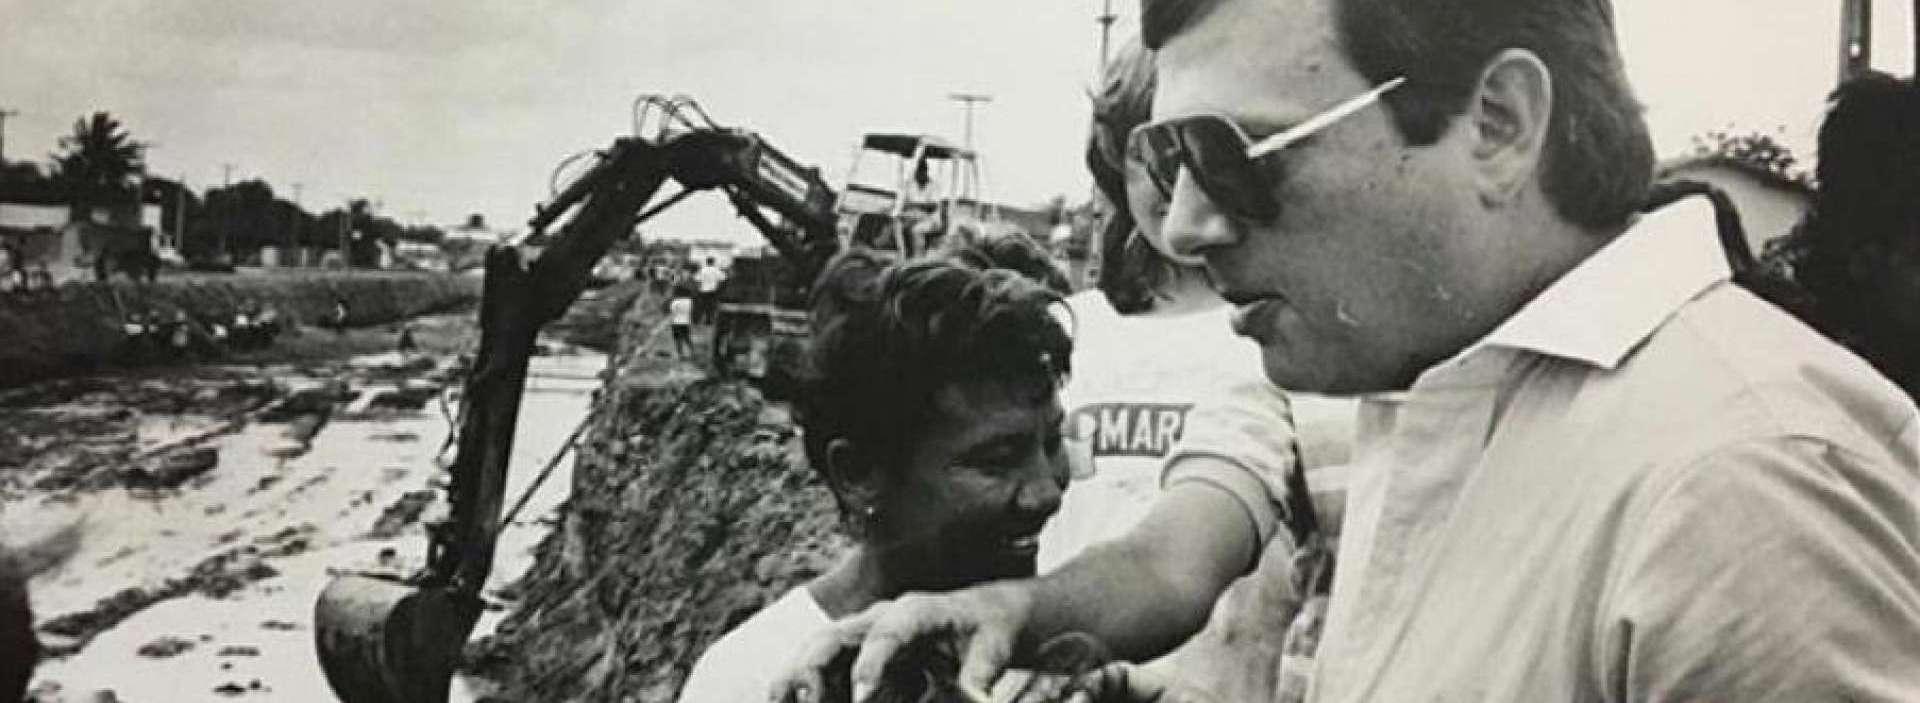 Senador Tasso Jereissati, há três décadas, quando vistoriava obras no Conjunto Ceará